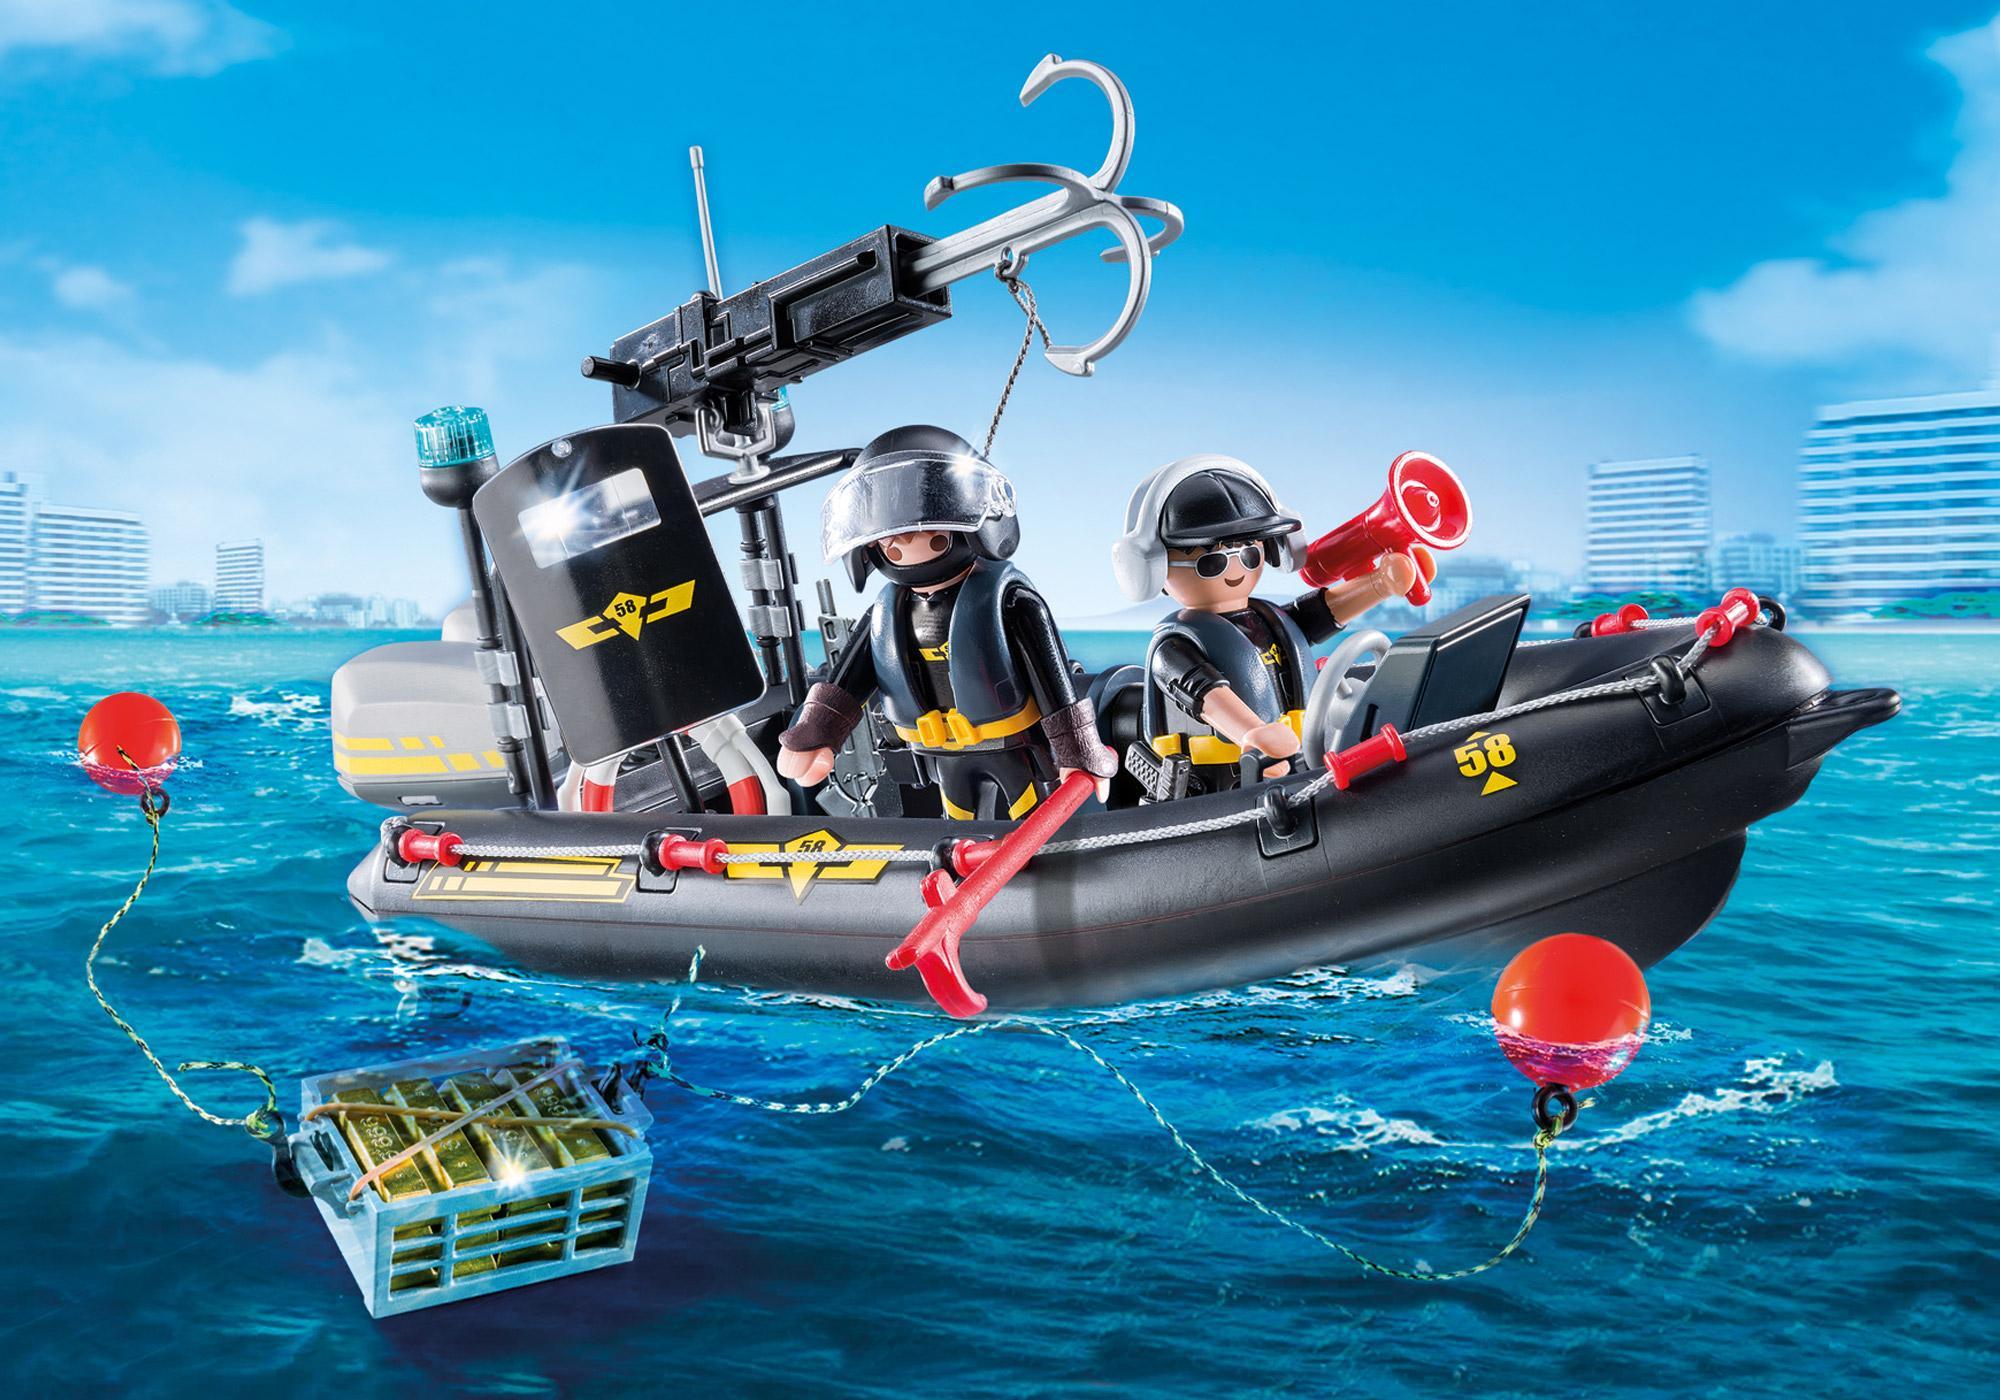 http://media.playmobil.com/i/playmobil/9362_product_detail/Bateau pneumatique et policiers d'élite